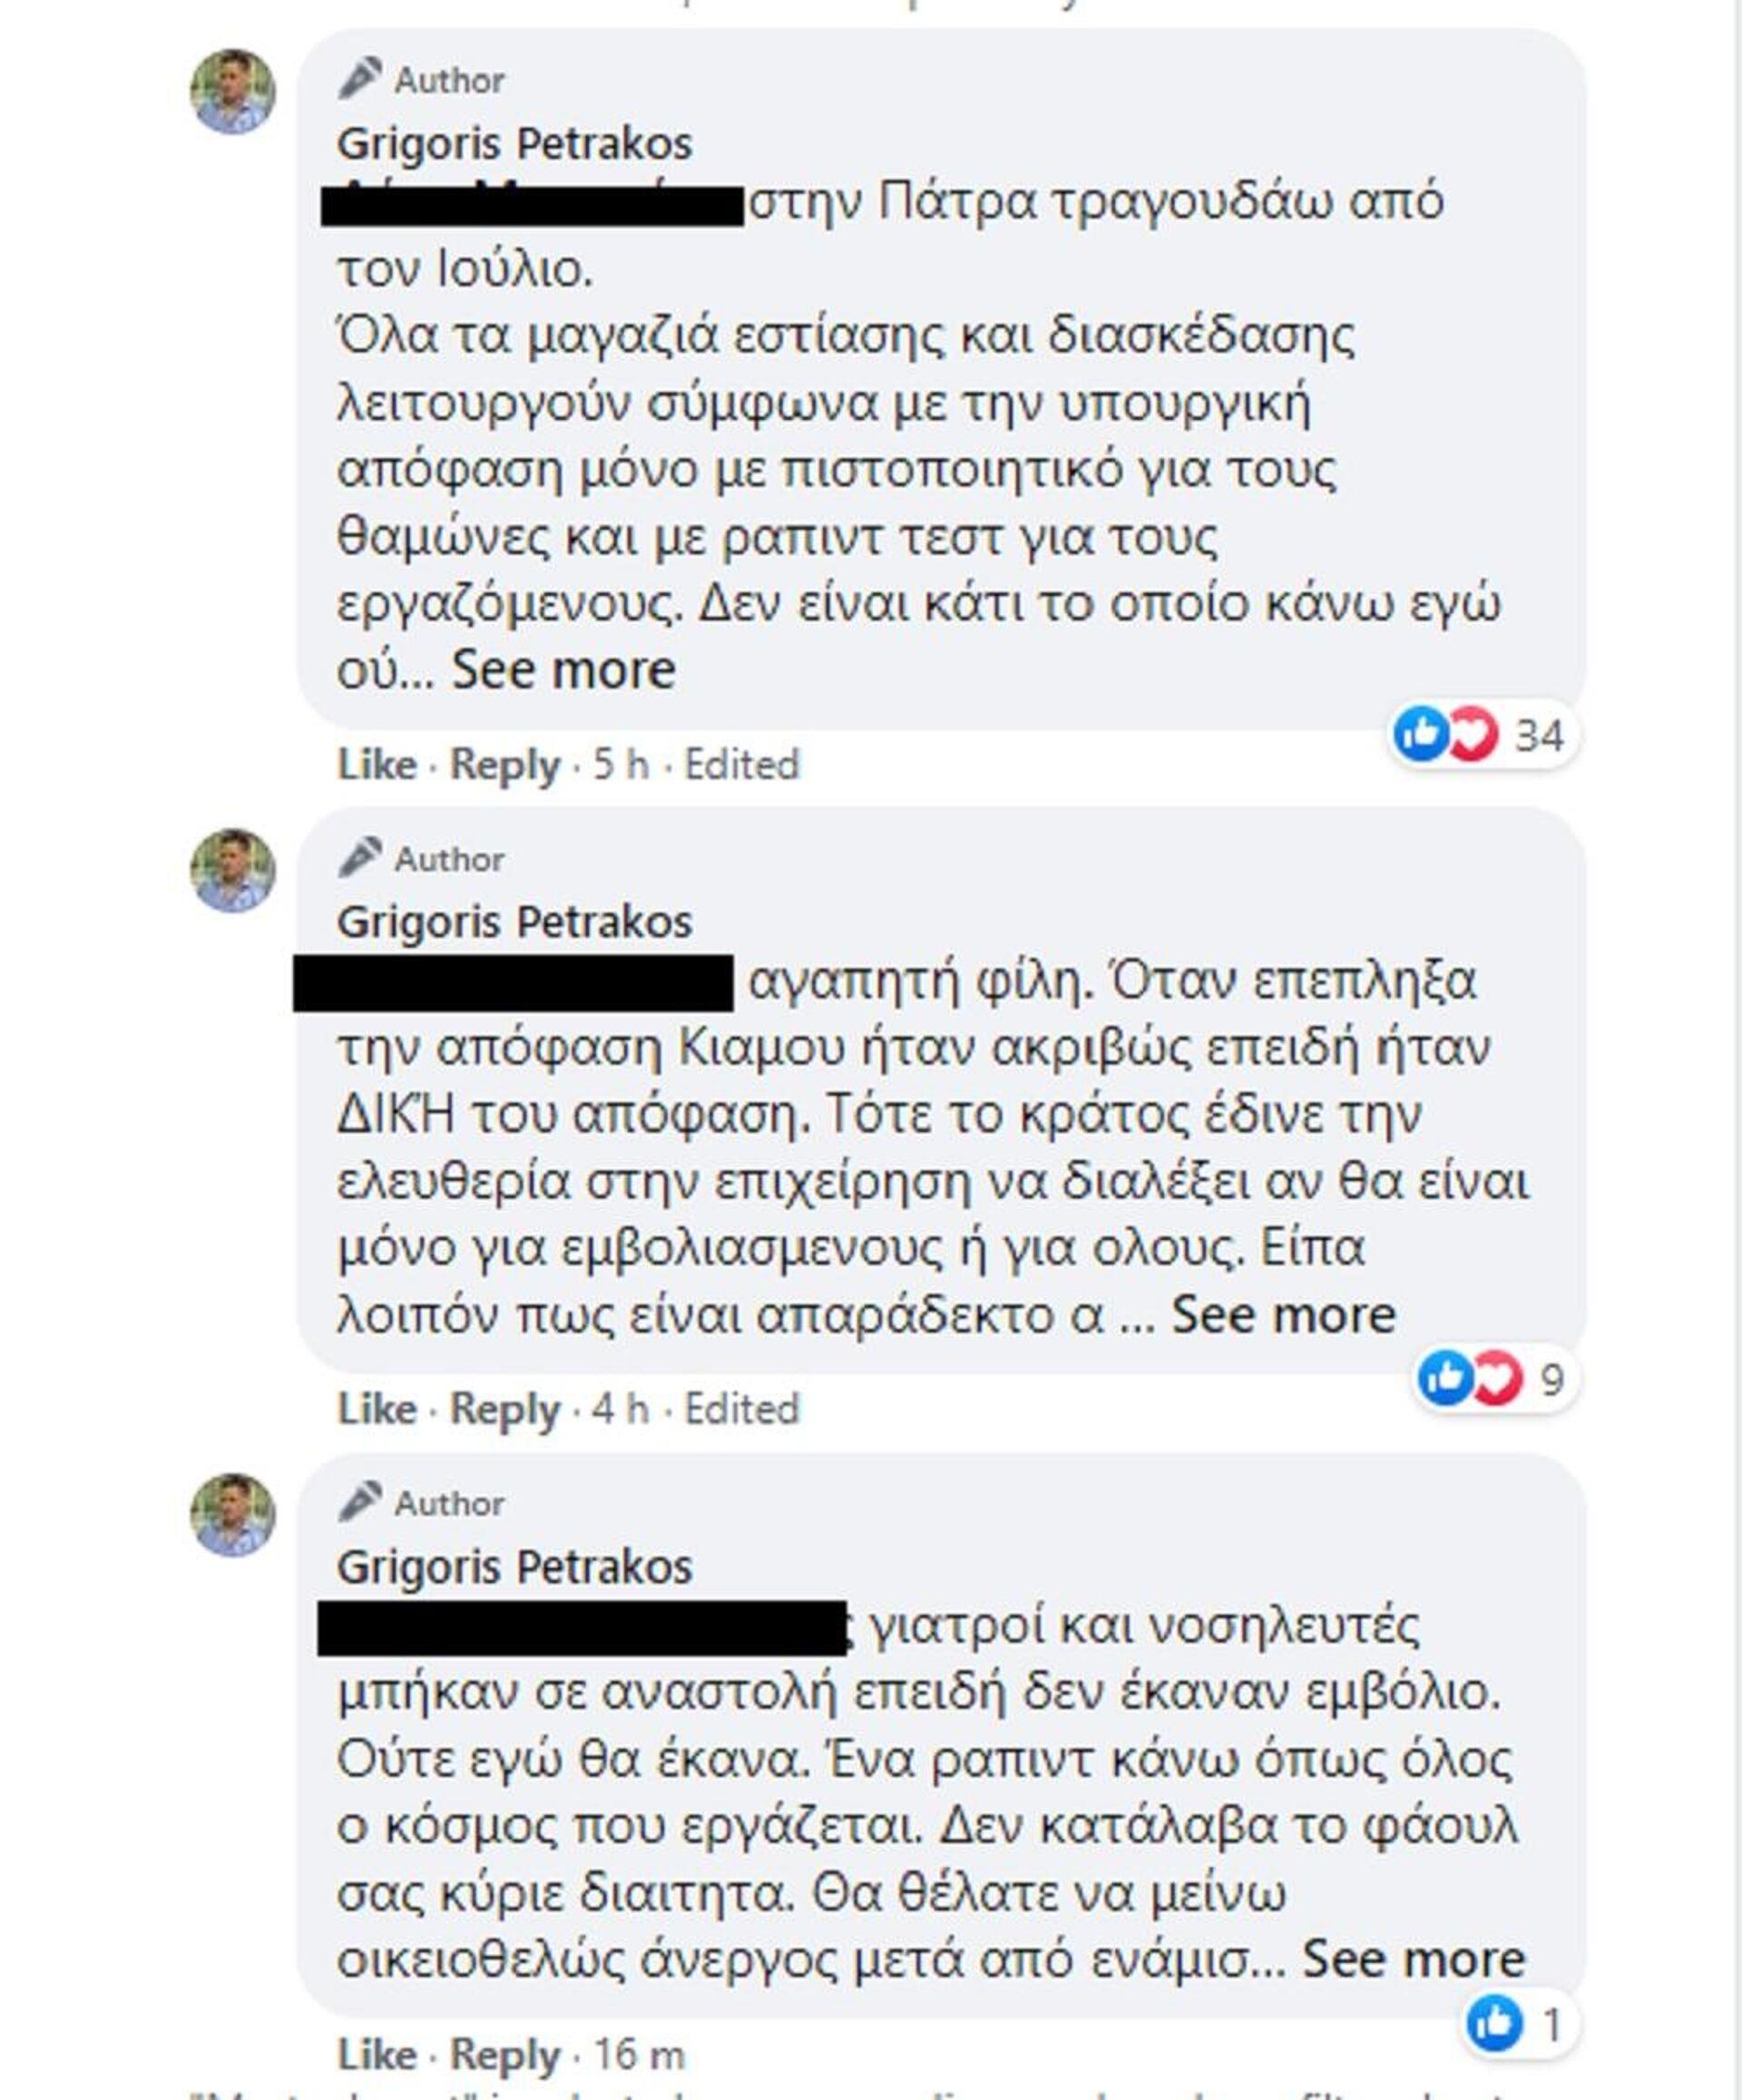 Ο Γρηγόρης Πετράκος απαντά σε επικριτικά σχόλια στο Facebook - Sputnik Ελλάδα, 1920, 12.10.2021